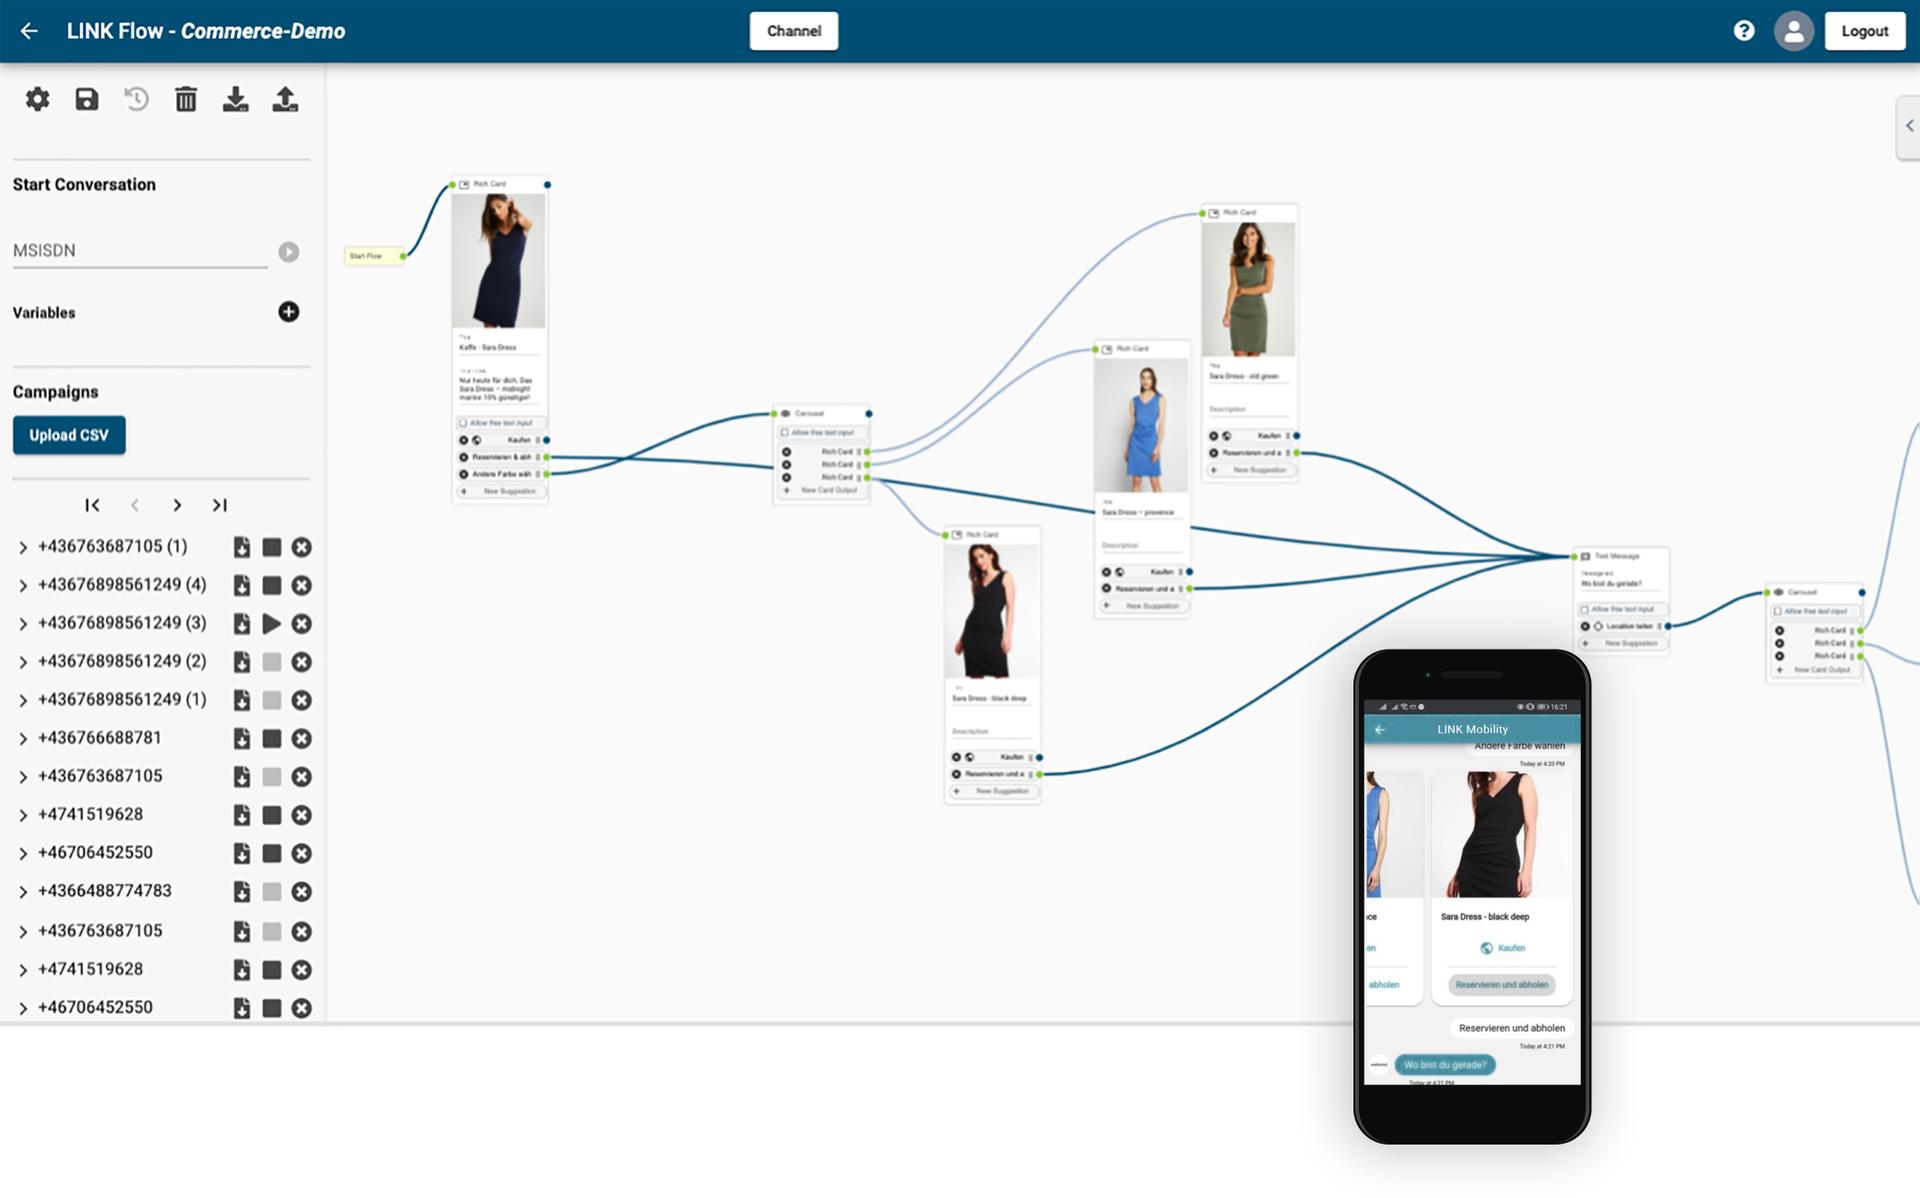 LINK Mobility - einfach einen regelbasierten Chatbot erstellen mit dem LINK Flow Builder